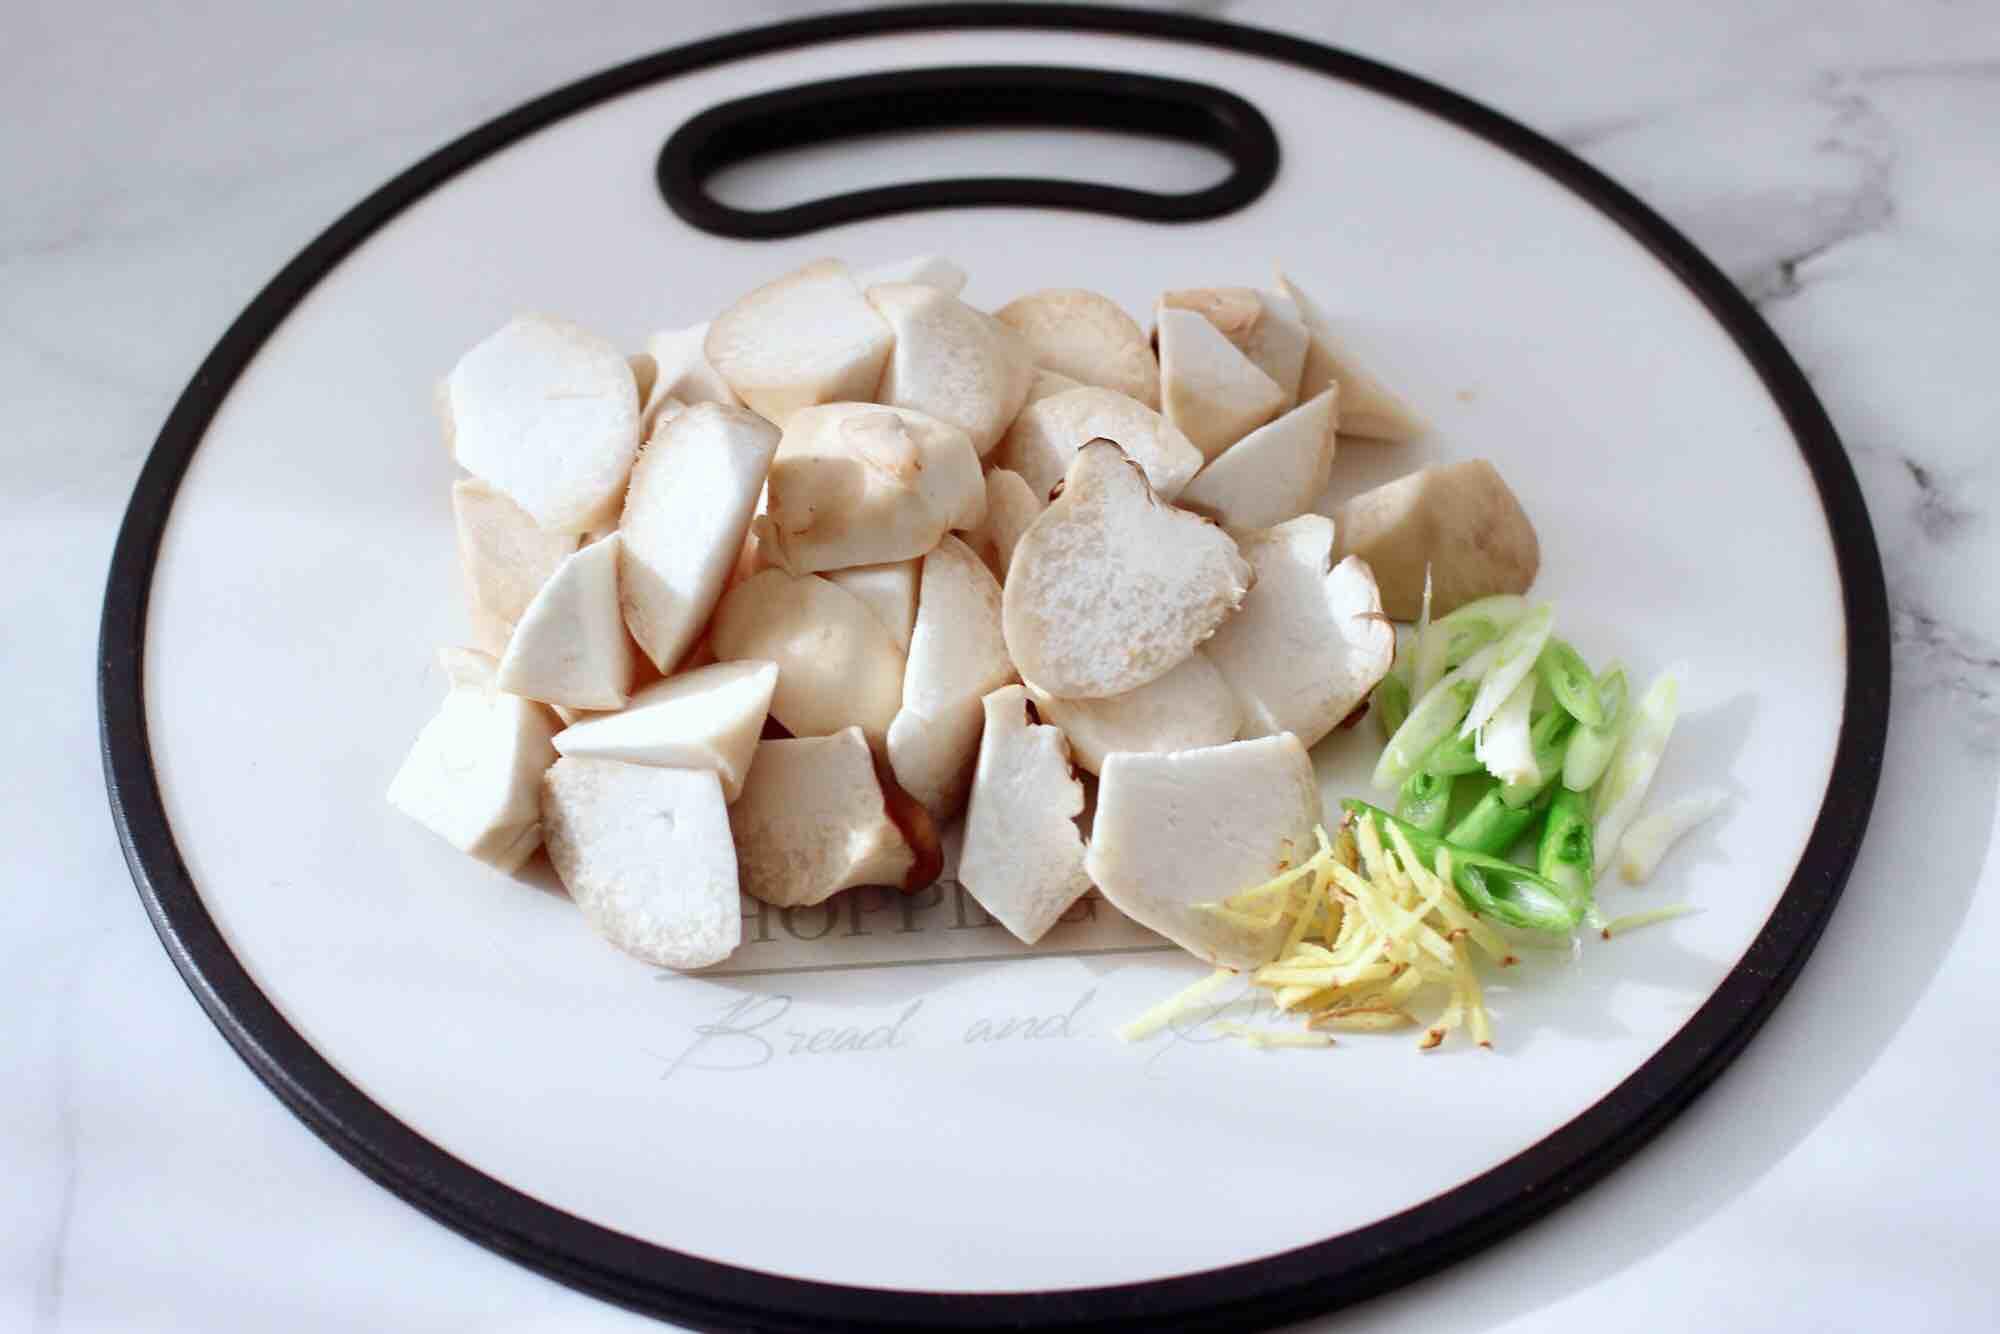 娃娃菇烧鸡腿肉的做法图解